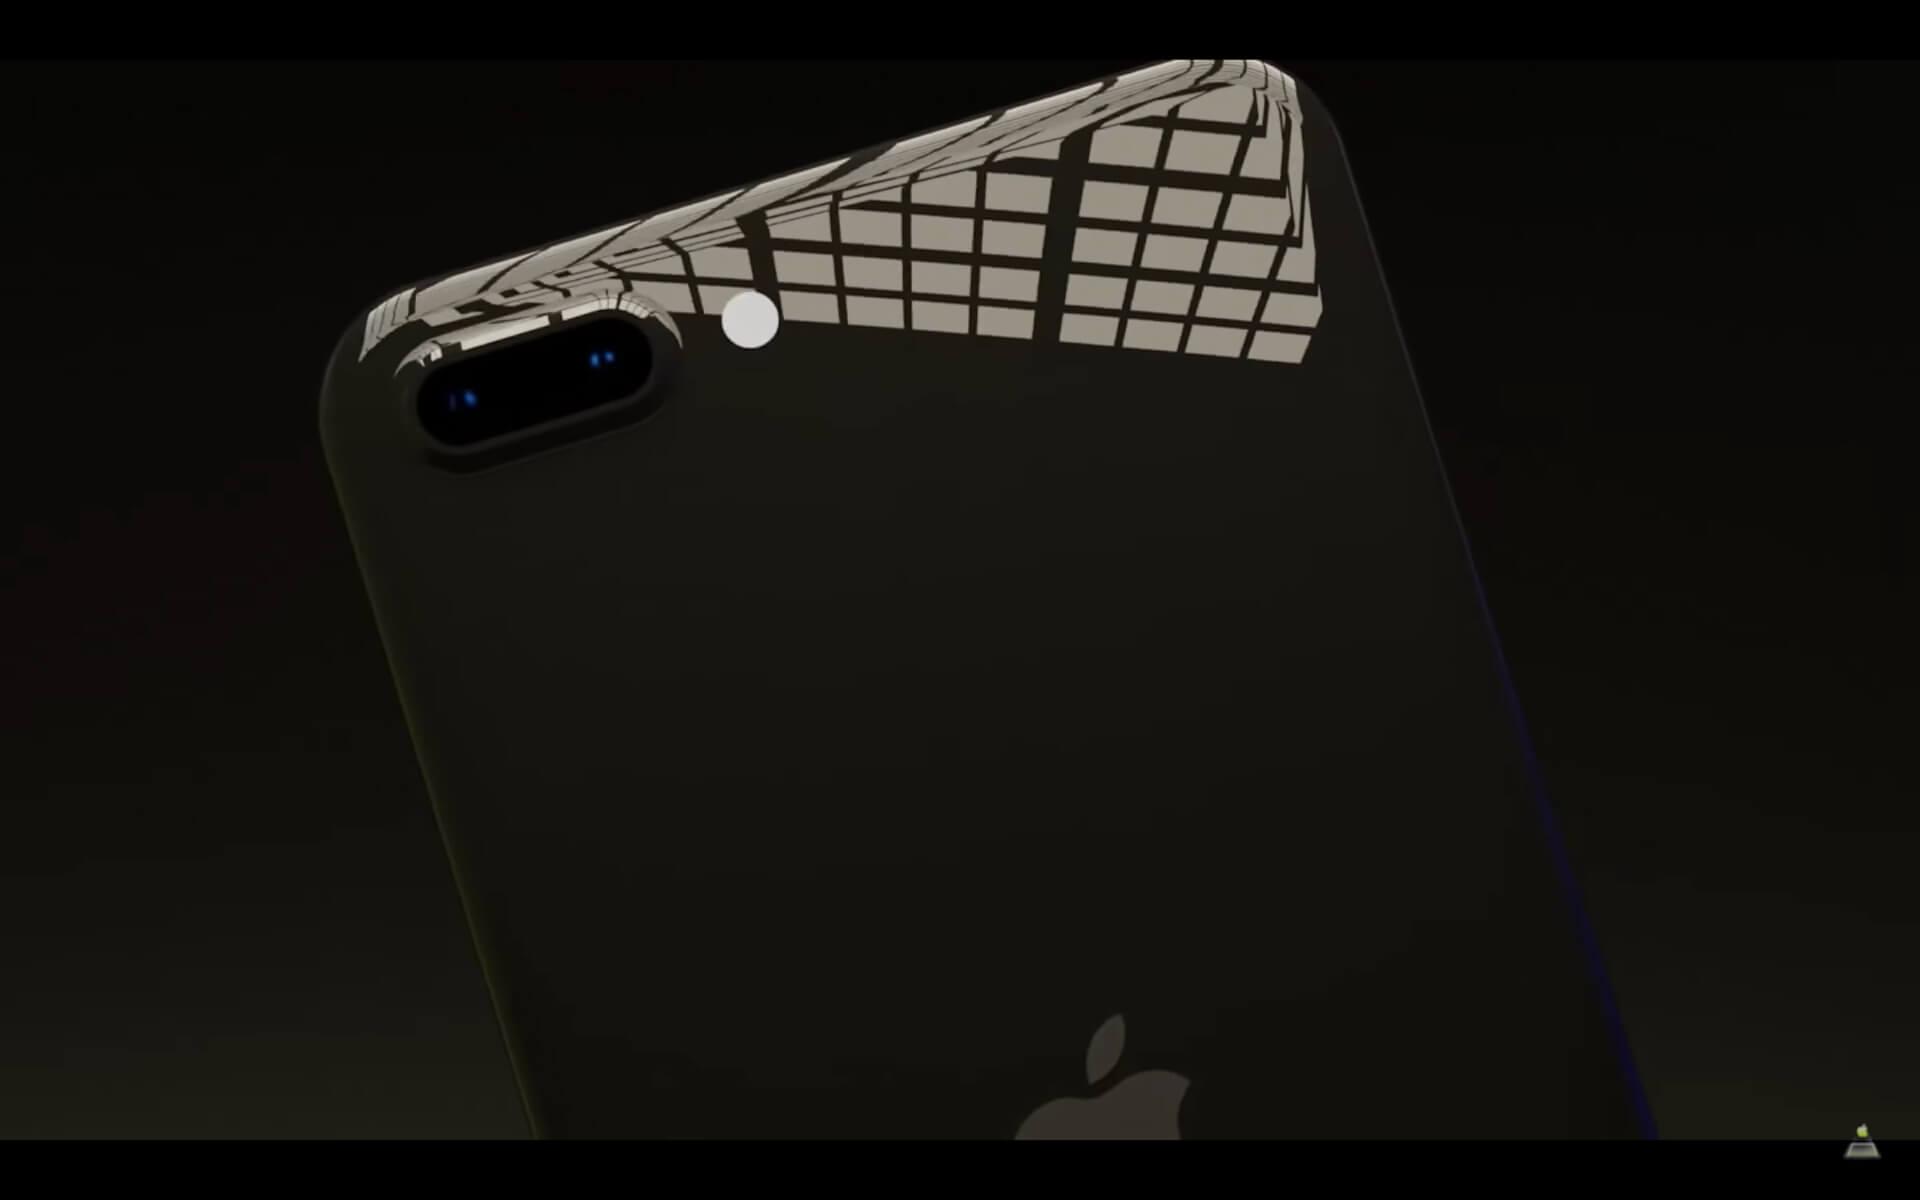 iPhone 12シリーズの新たなコンセプト映像が公開!豊富なカラーバリエーションに注目 tech200722_iphone12_6